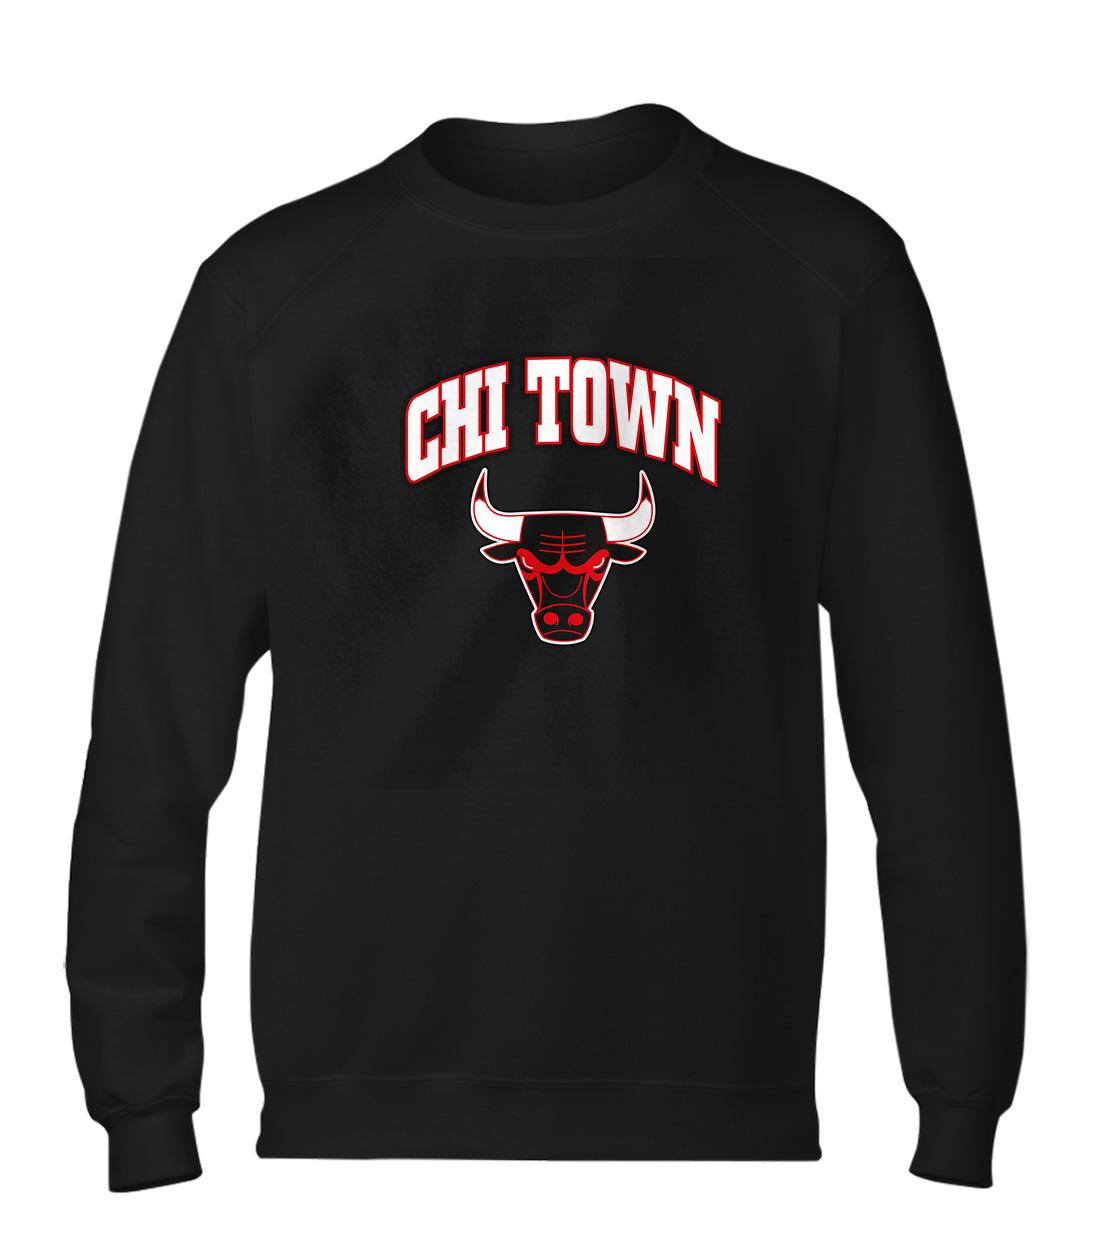 Chicago Bulls Chi Town  Basic (BSC-BLC-NP-47-NBA-CHI-TOWN)